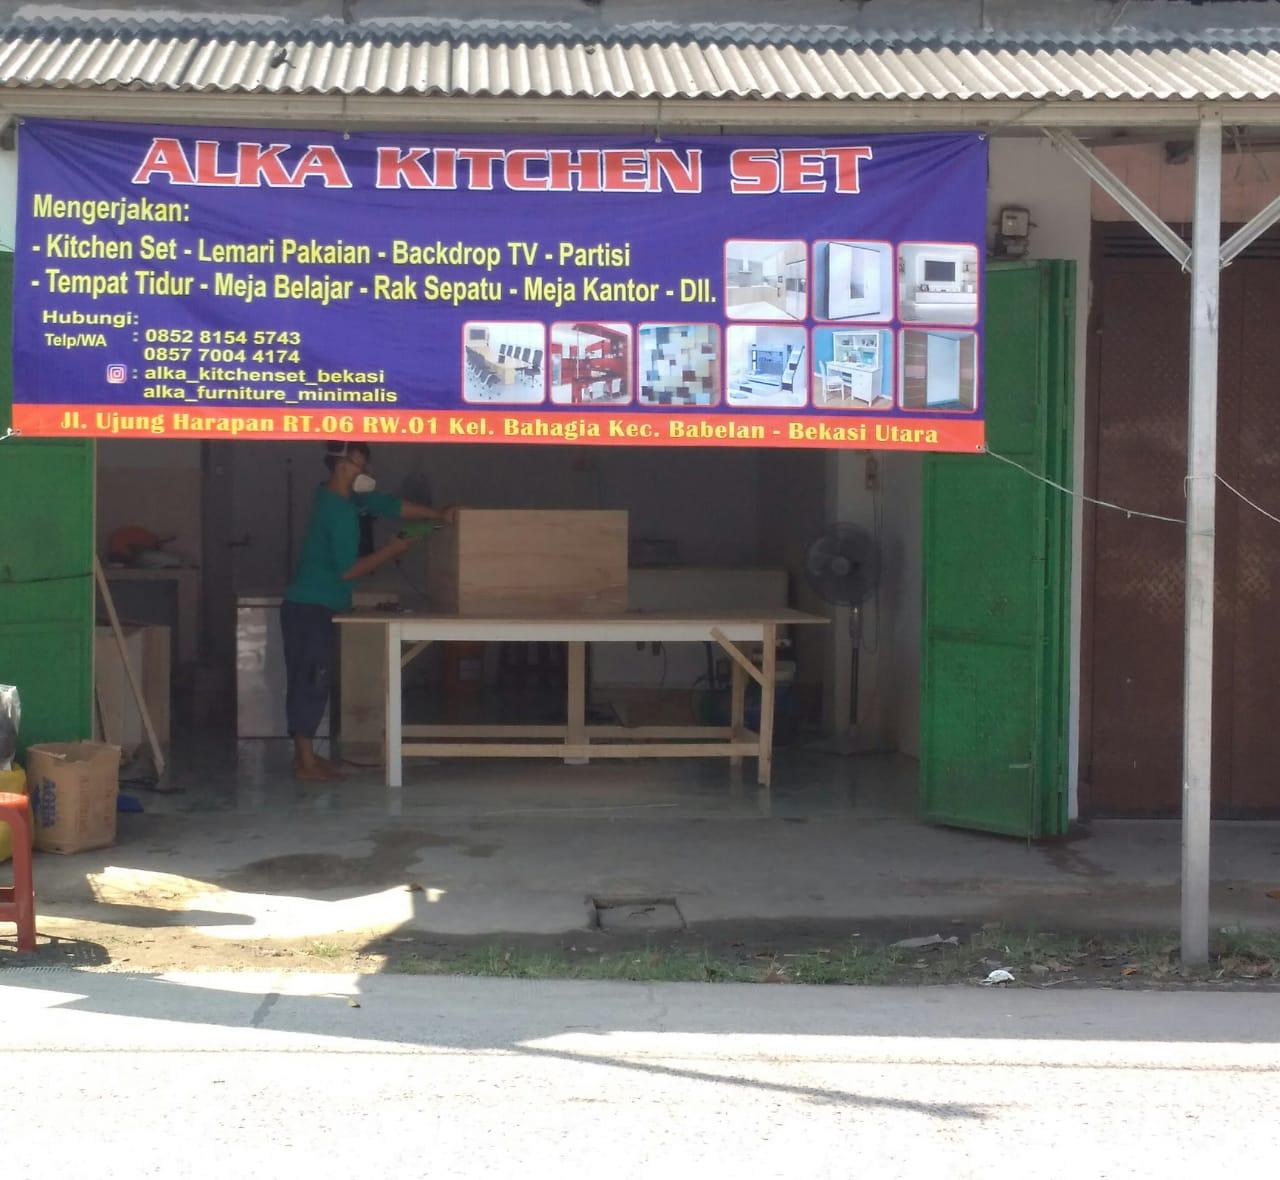 alka kitchen set bekasi - Lemari Pakaian Kamar Minimalis Bekasi